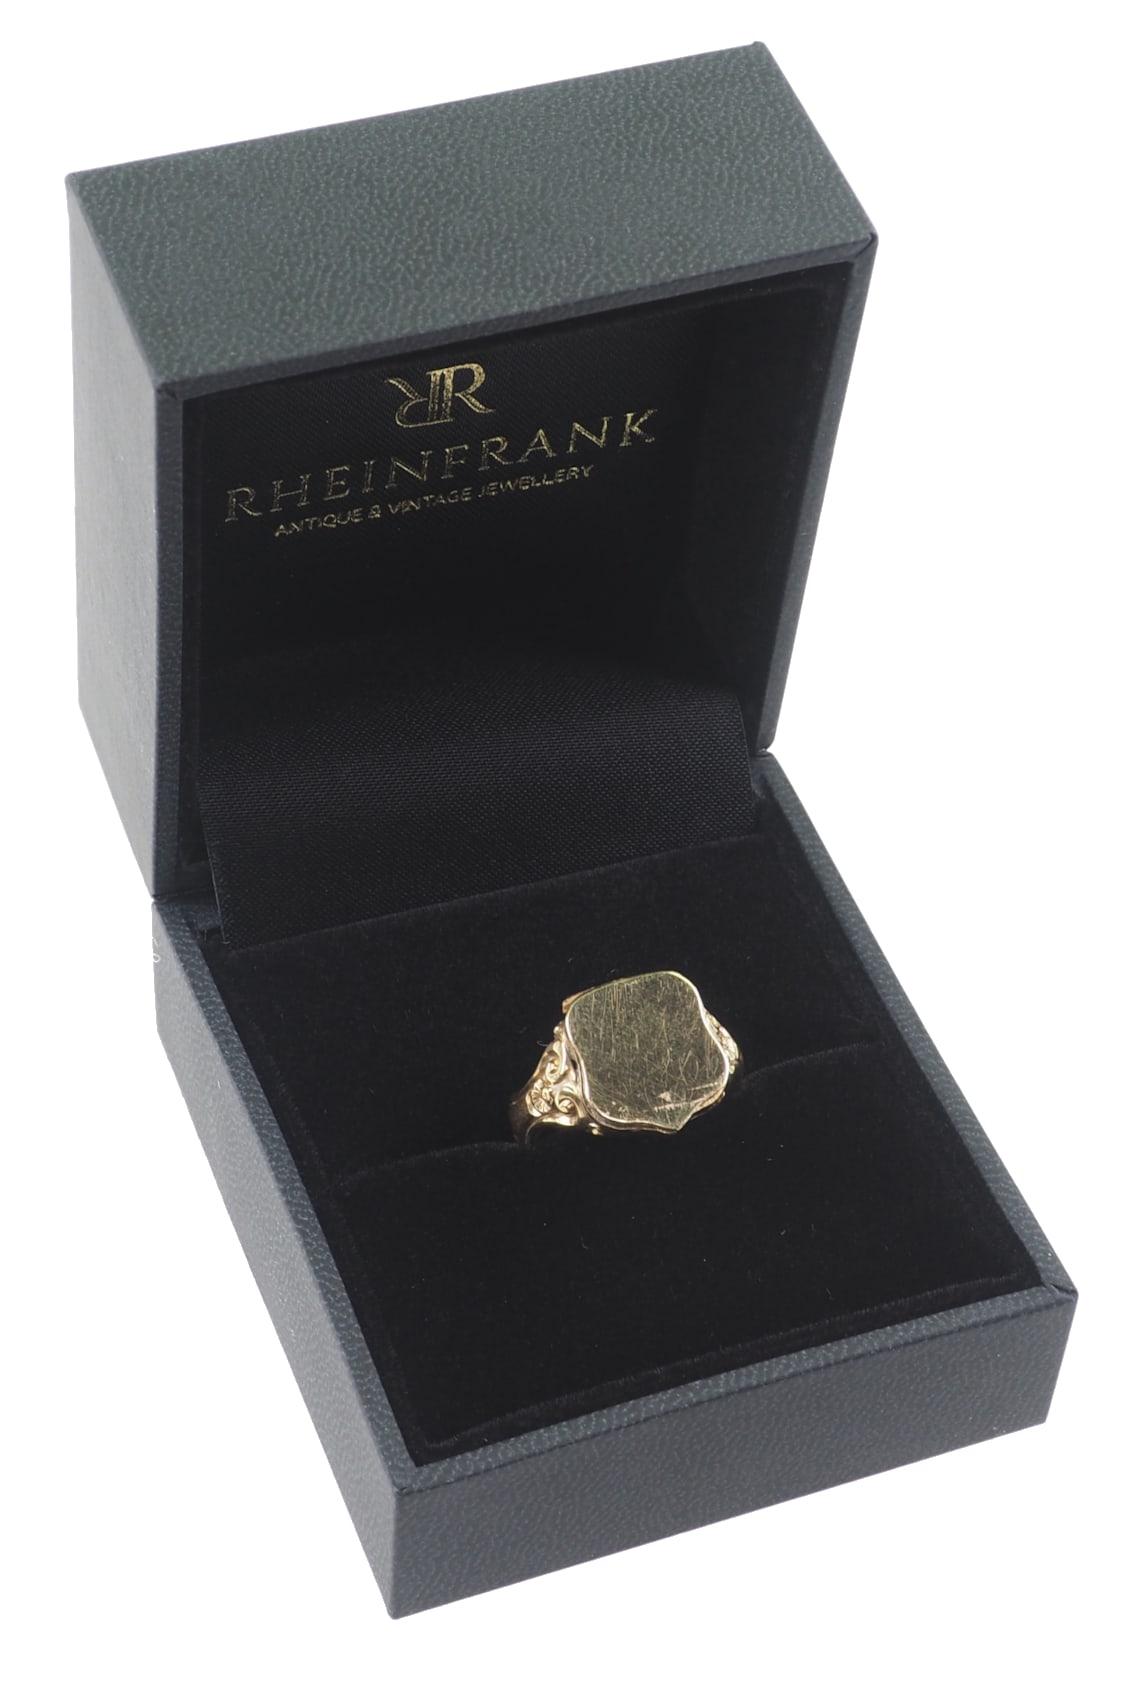 0091-Rheinfrank-Ringbox